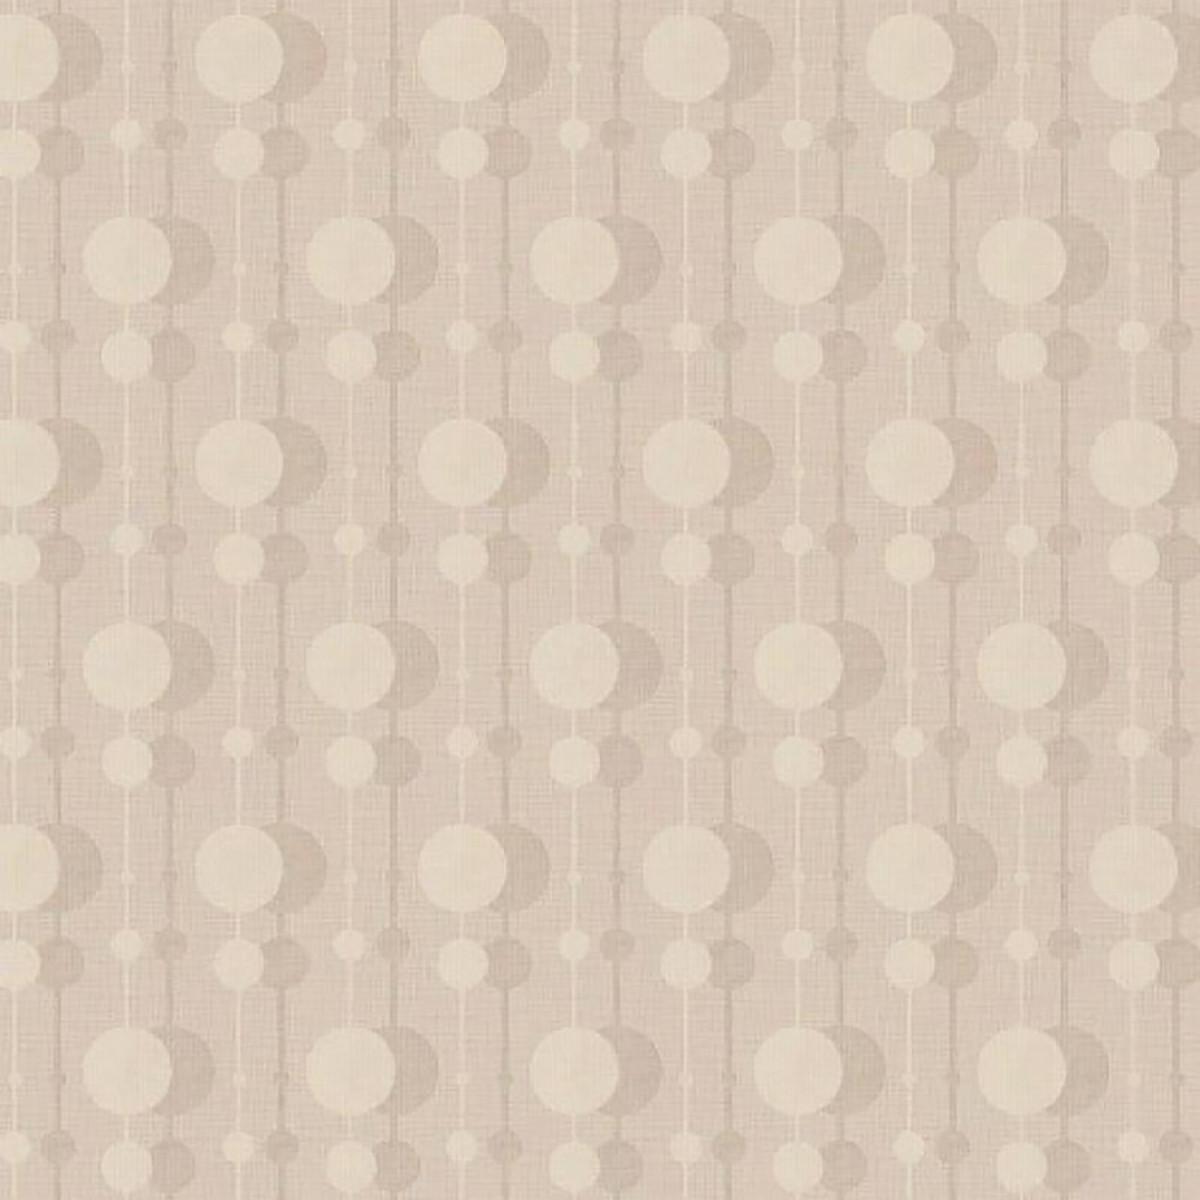 Обои флизелиновые Trend Color бежевые 1.06 м 71136-22